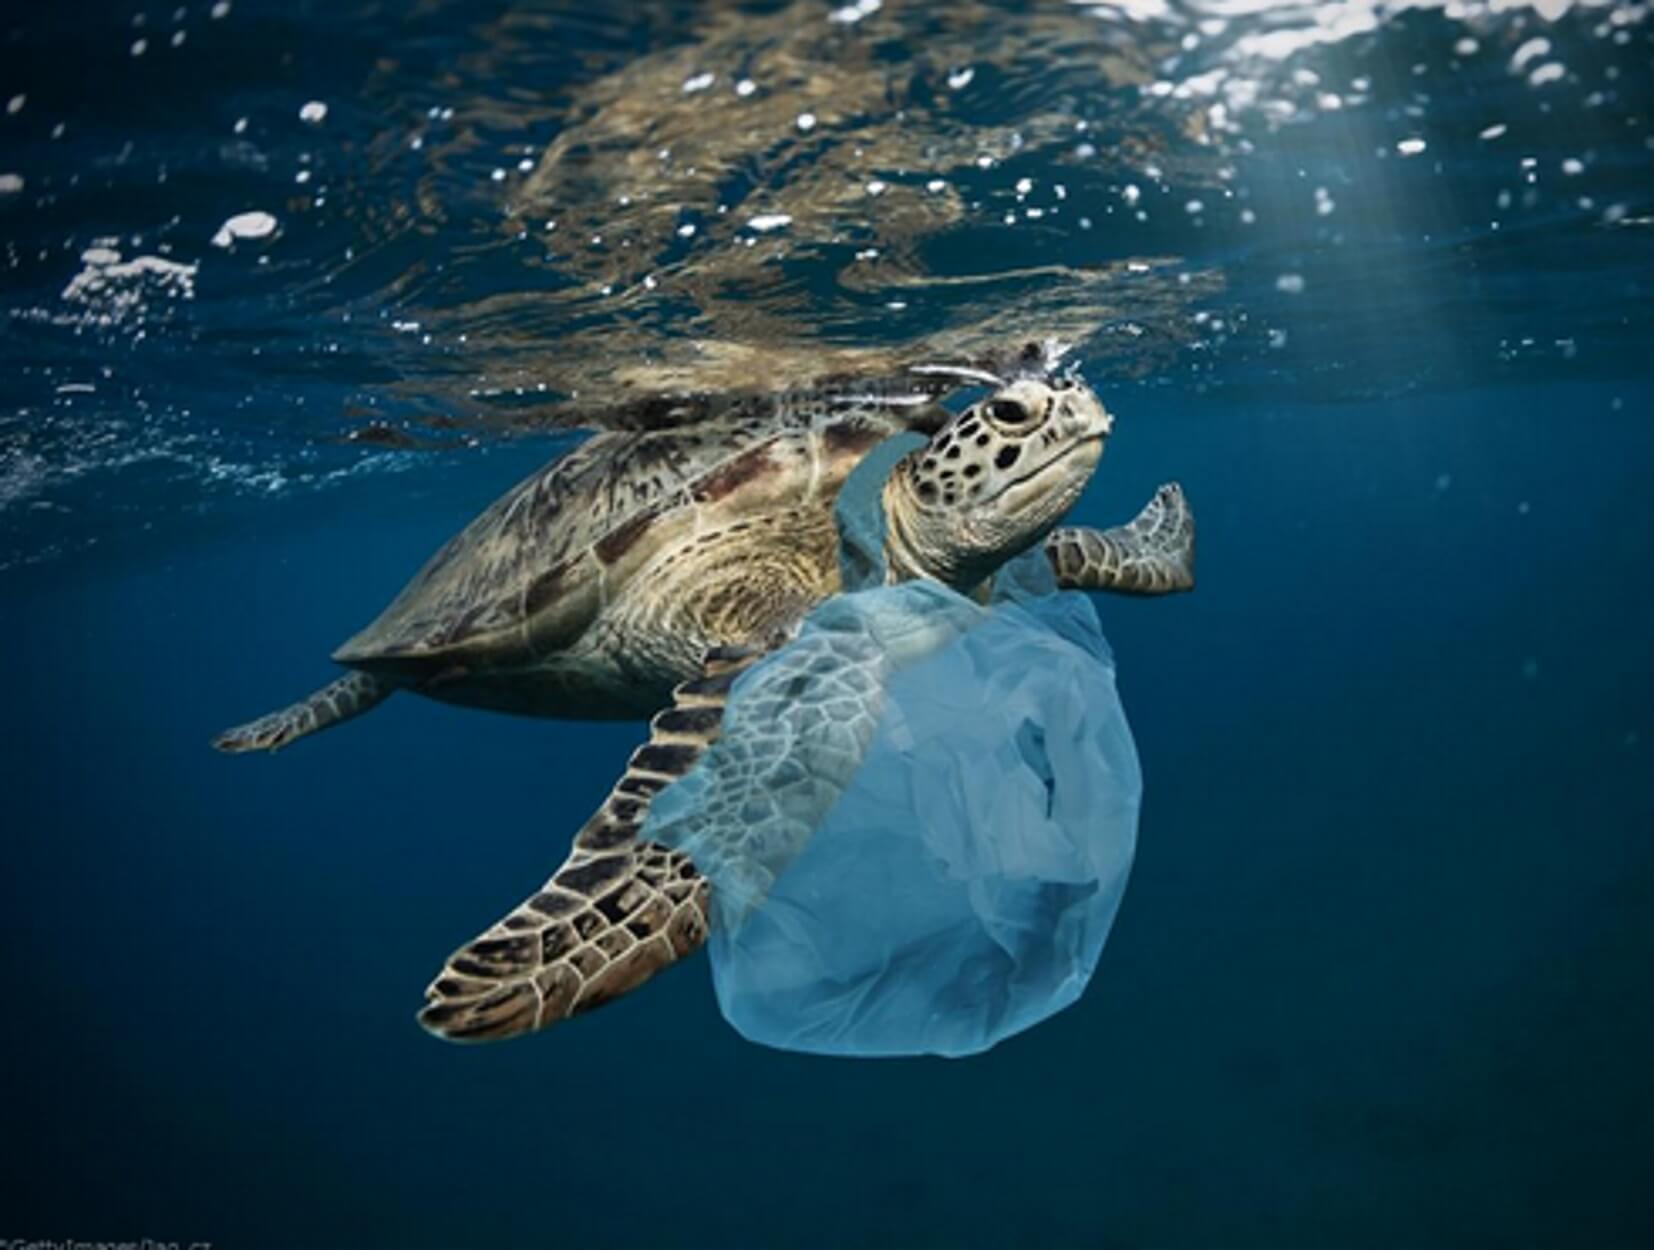 230.000 τόνοι πλαστικά πέφτουν κάθε χρόνο στην Μεσόγειο! Ποιες χώρες ρυπαίνουν πιο πολύ